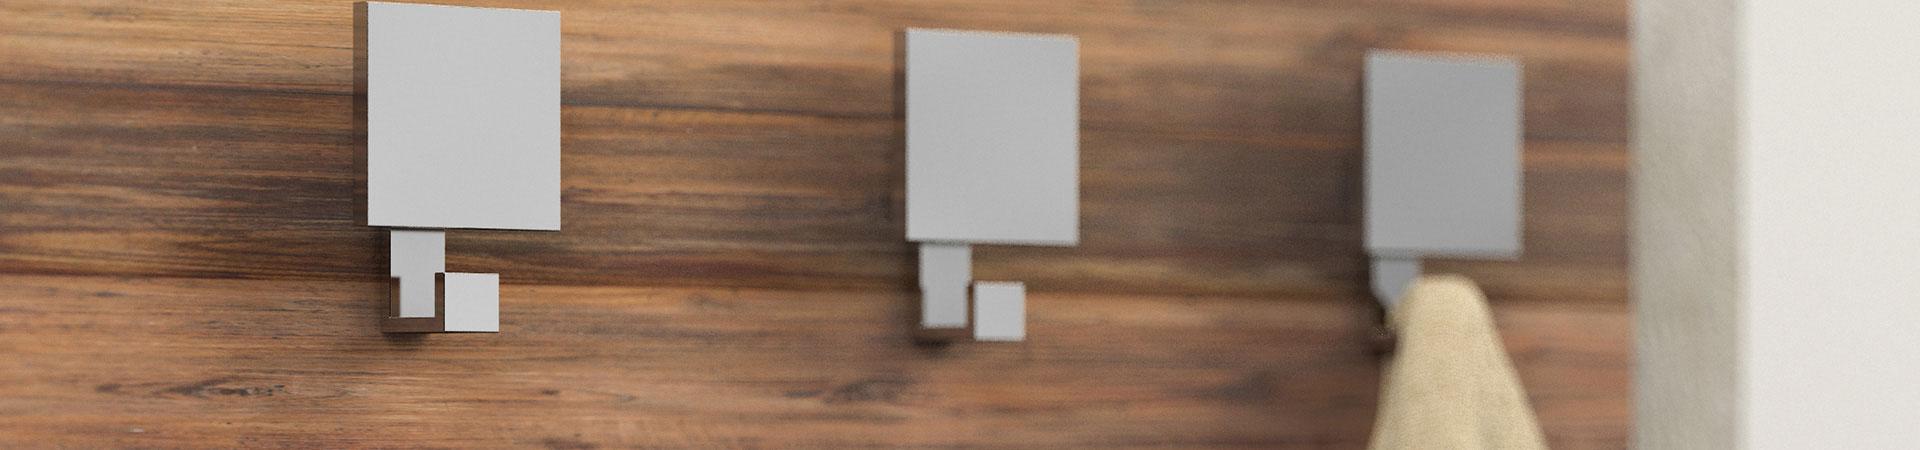 Maniglie pomelli appendiabiti e reggimensola mital - Appendiabiti da parete di design ...